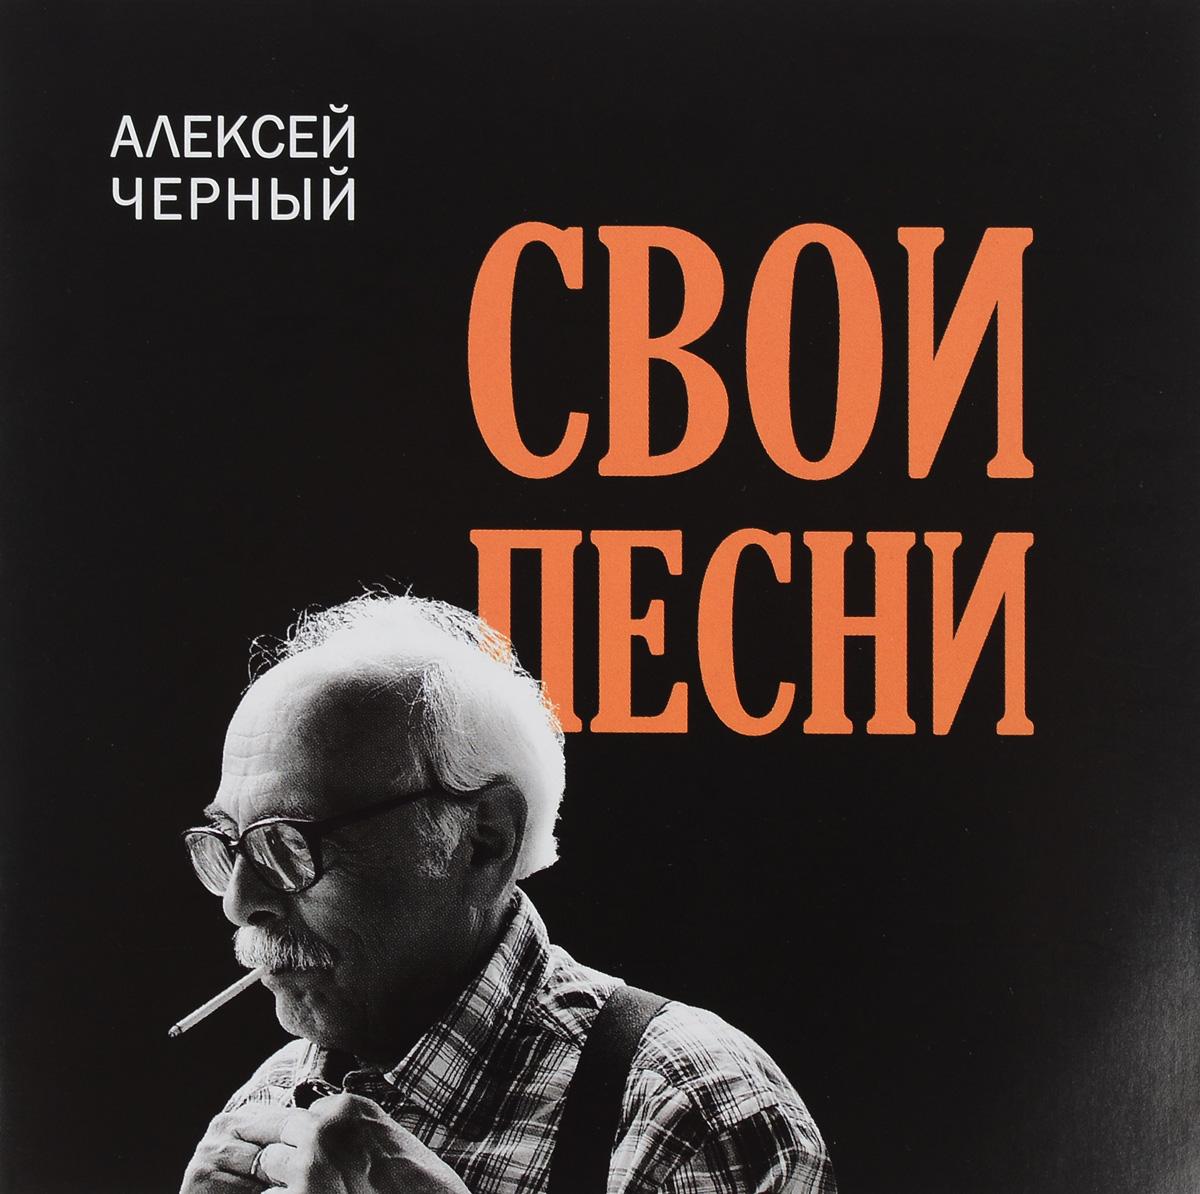 Алексей Черный Алексей Черный. Свои песни jd коллекция черный 39